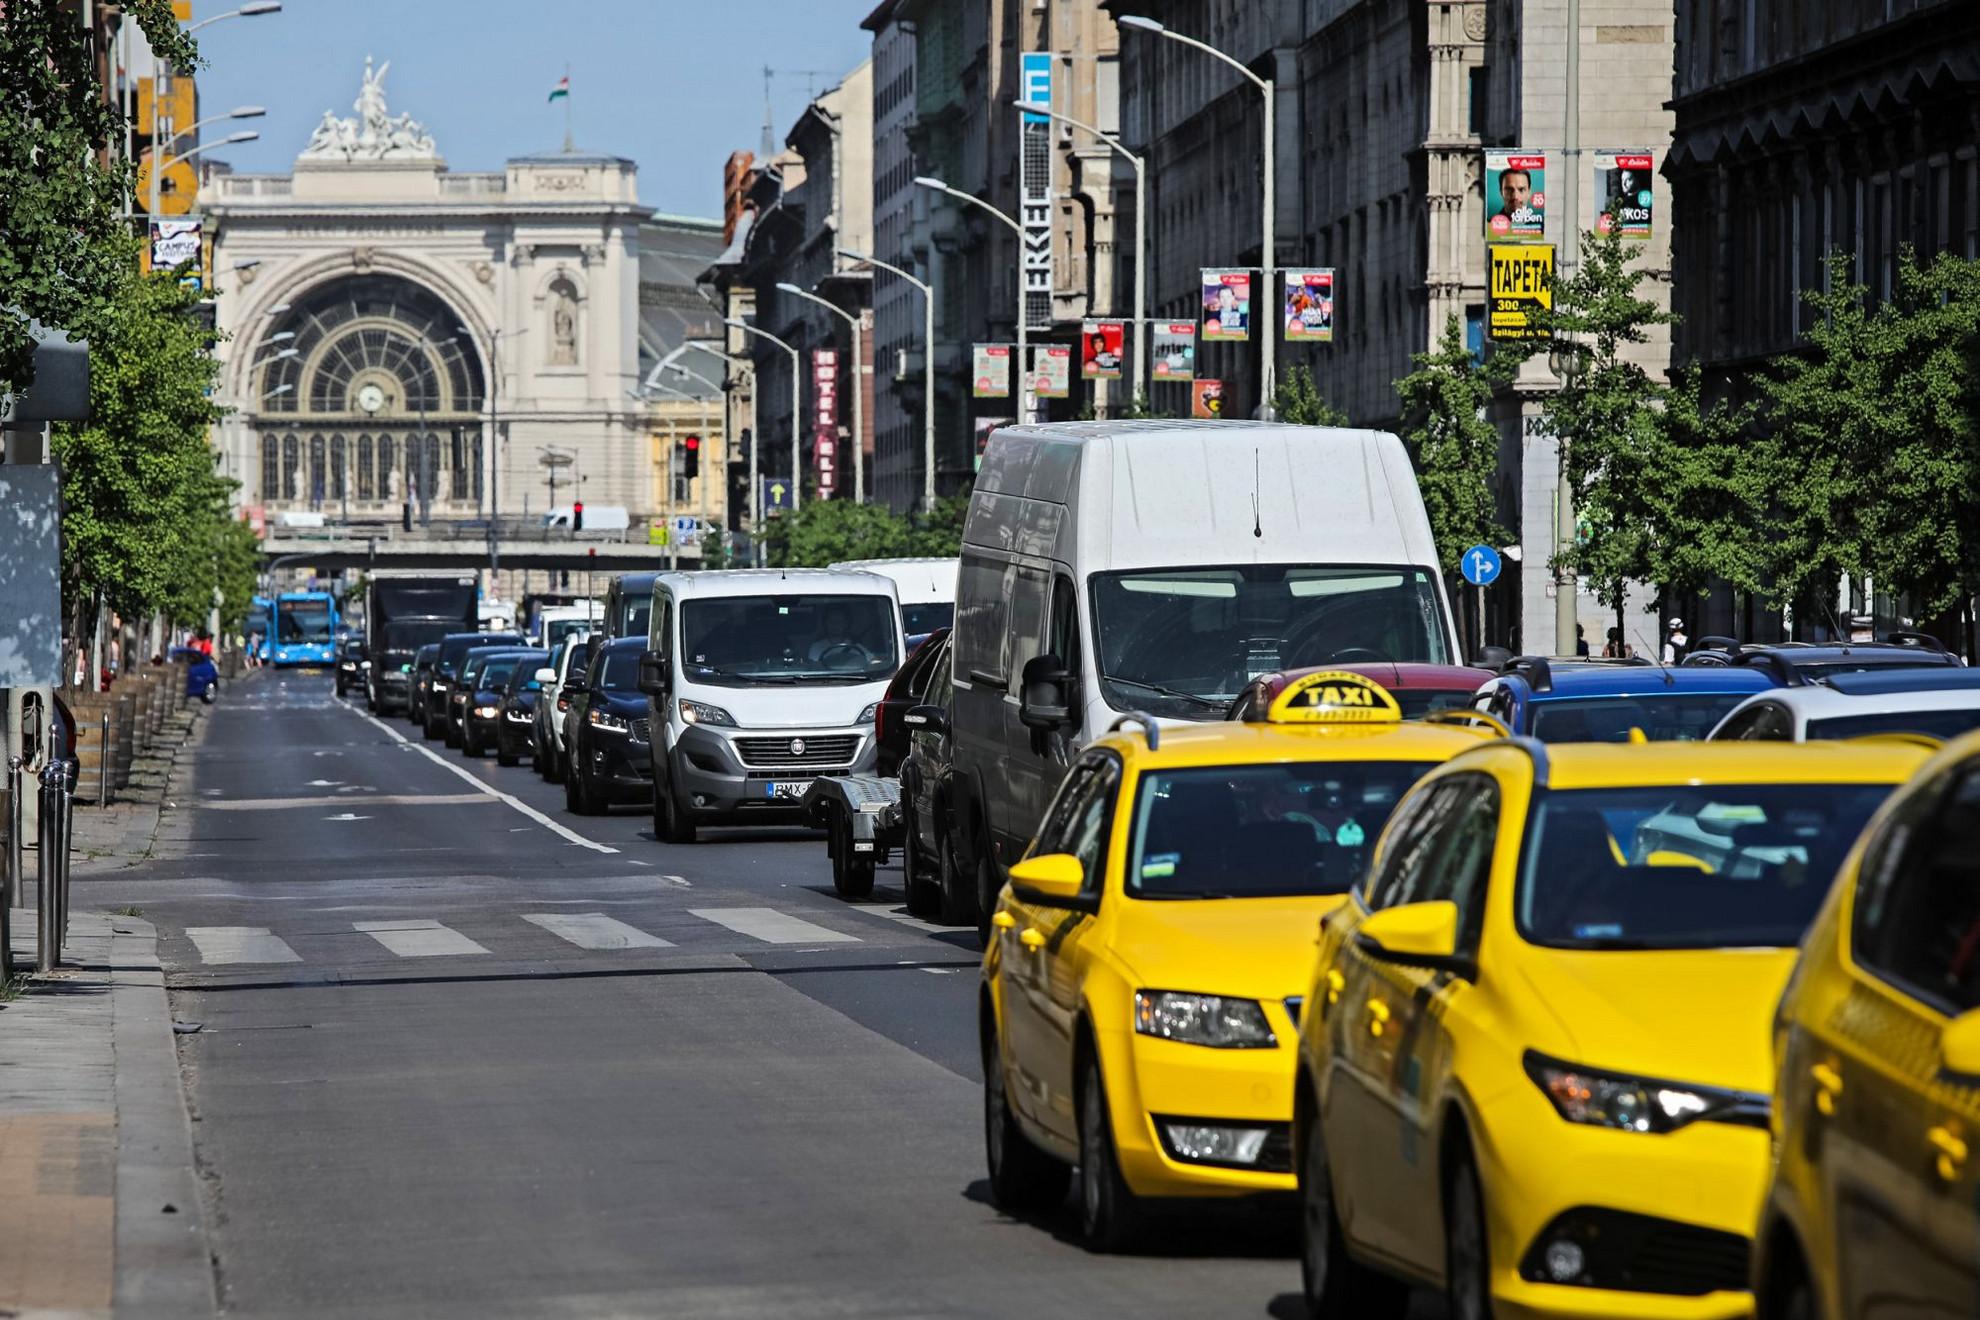 Hétköznapi zűrzavar. A fővárosban továbbra is elviselhetetlen a forgalmi káosz, a rosszul szervezett felújítási munkálatok miatt a hétvégén is lehetetlen volt közlekedni